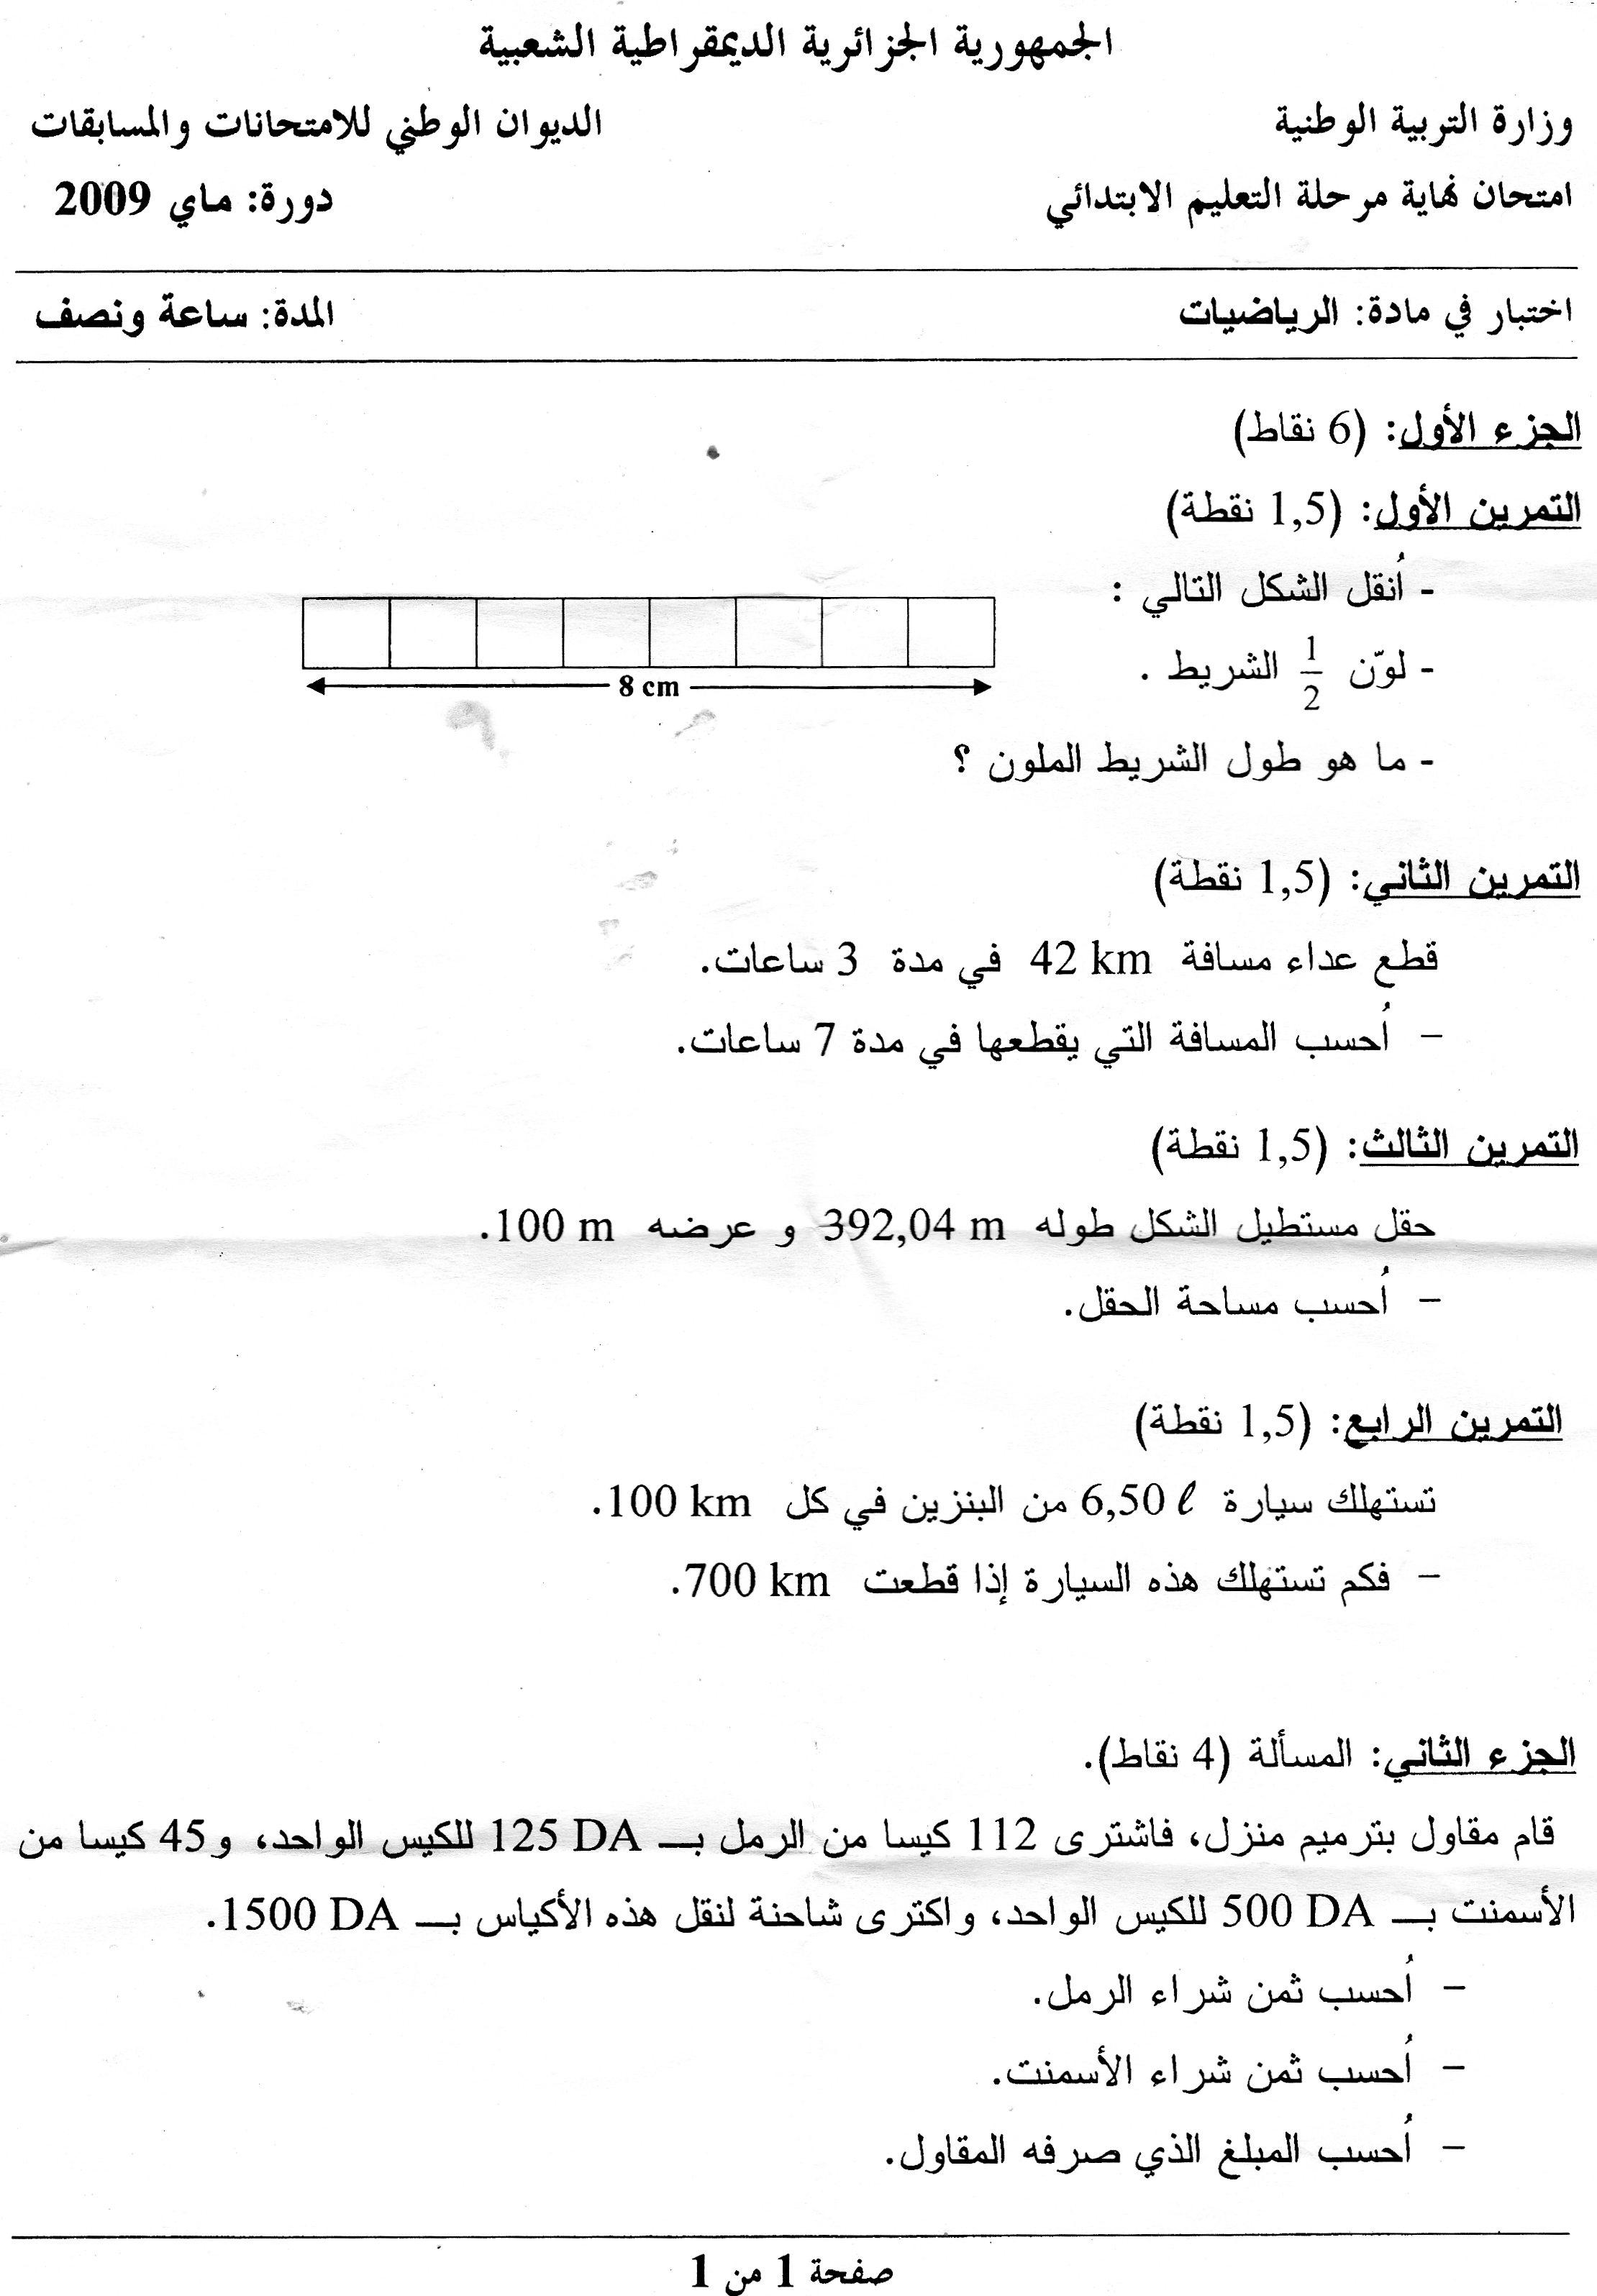 Epreuve de mathémathiques - Examen 5e Année primaire session 2009